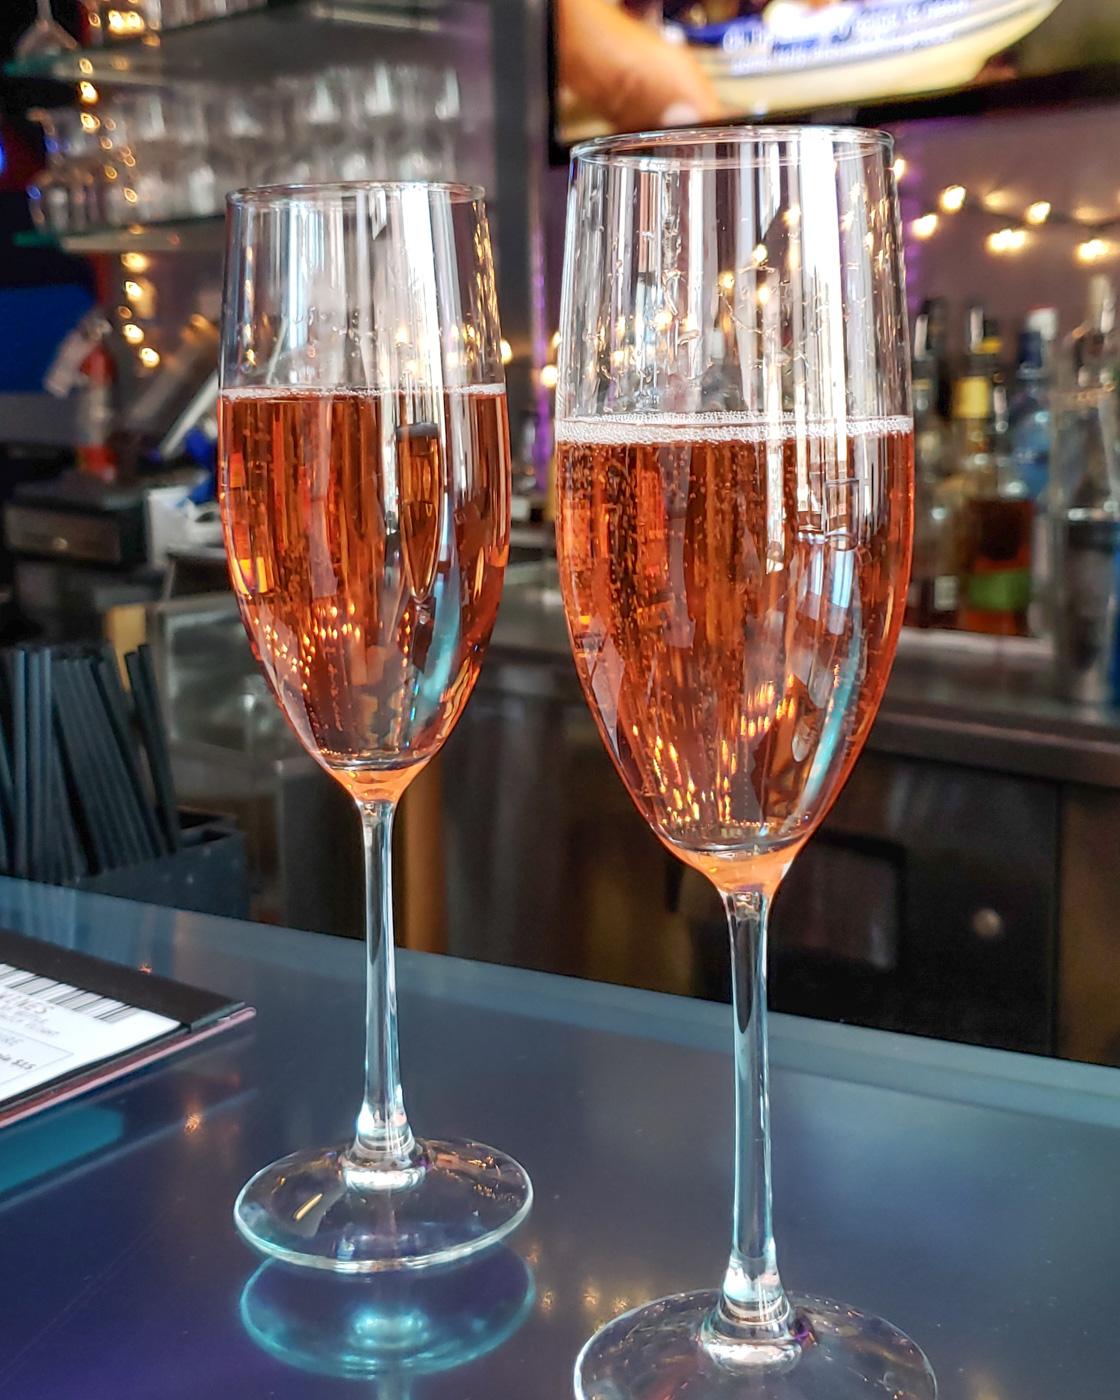 Sparkling Rose at Jet Wine Bar